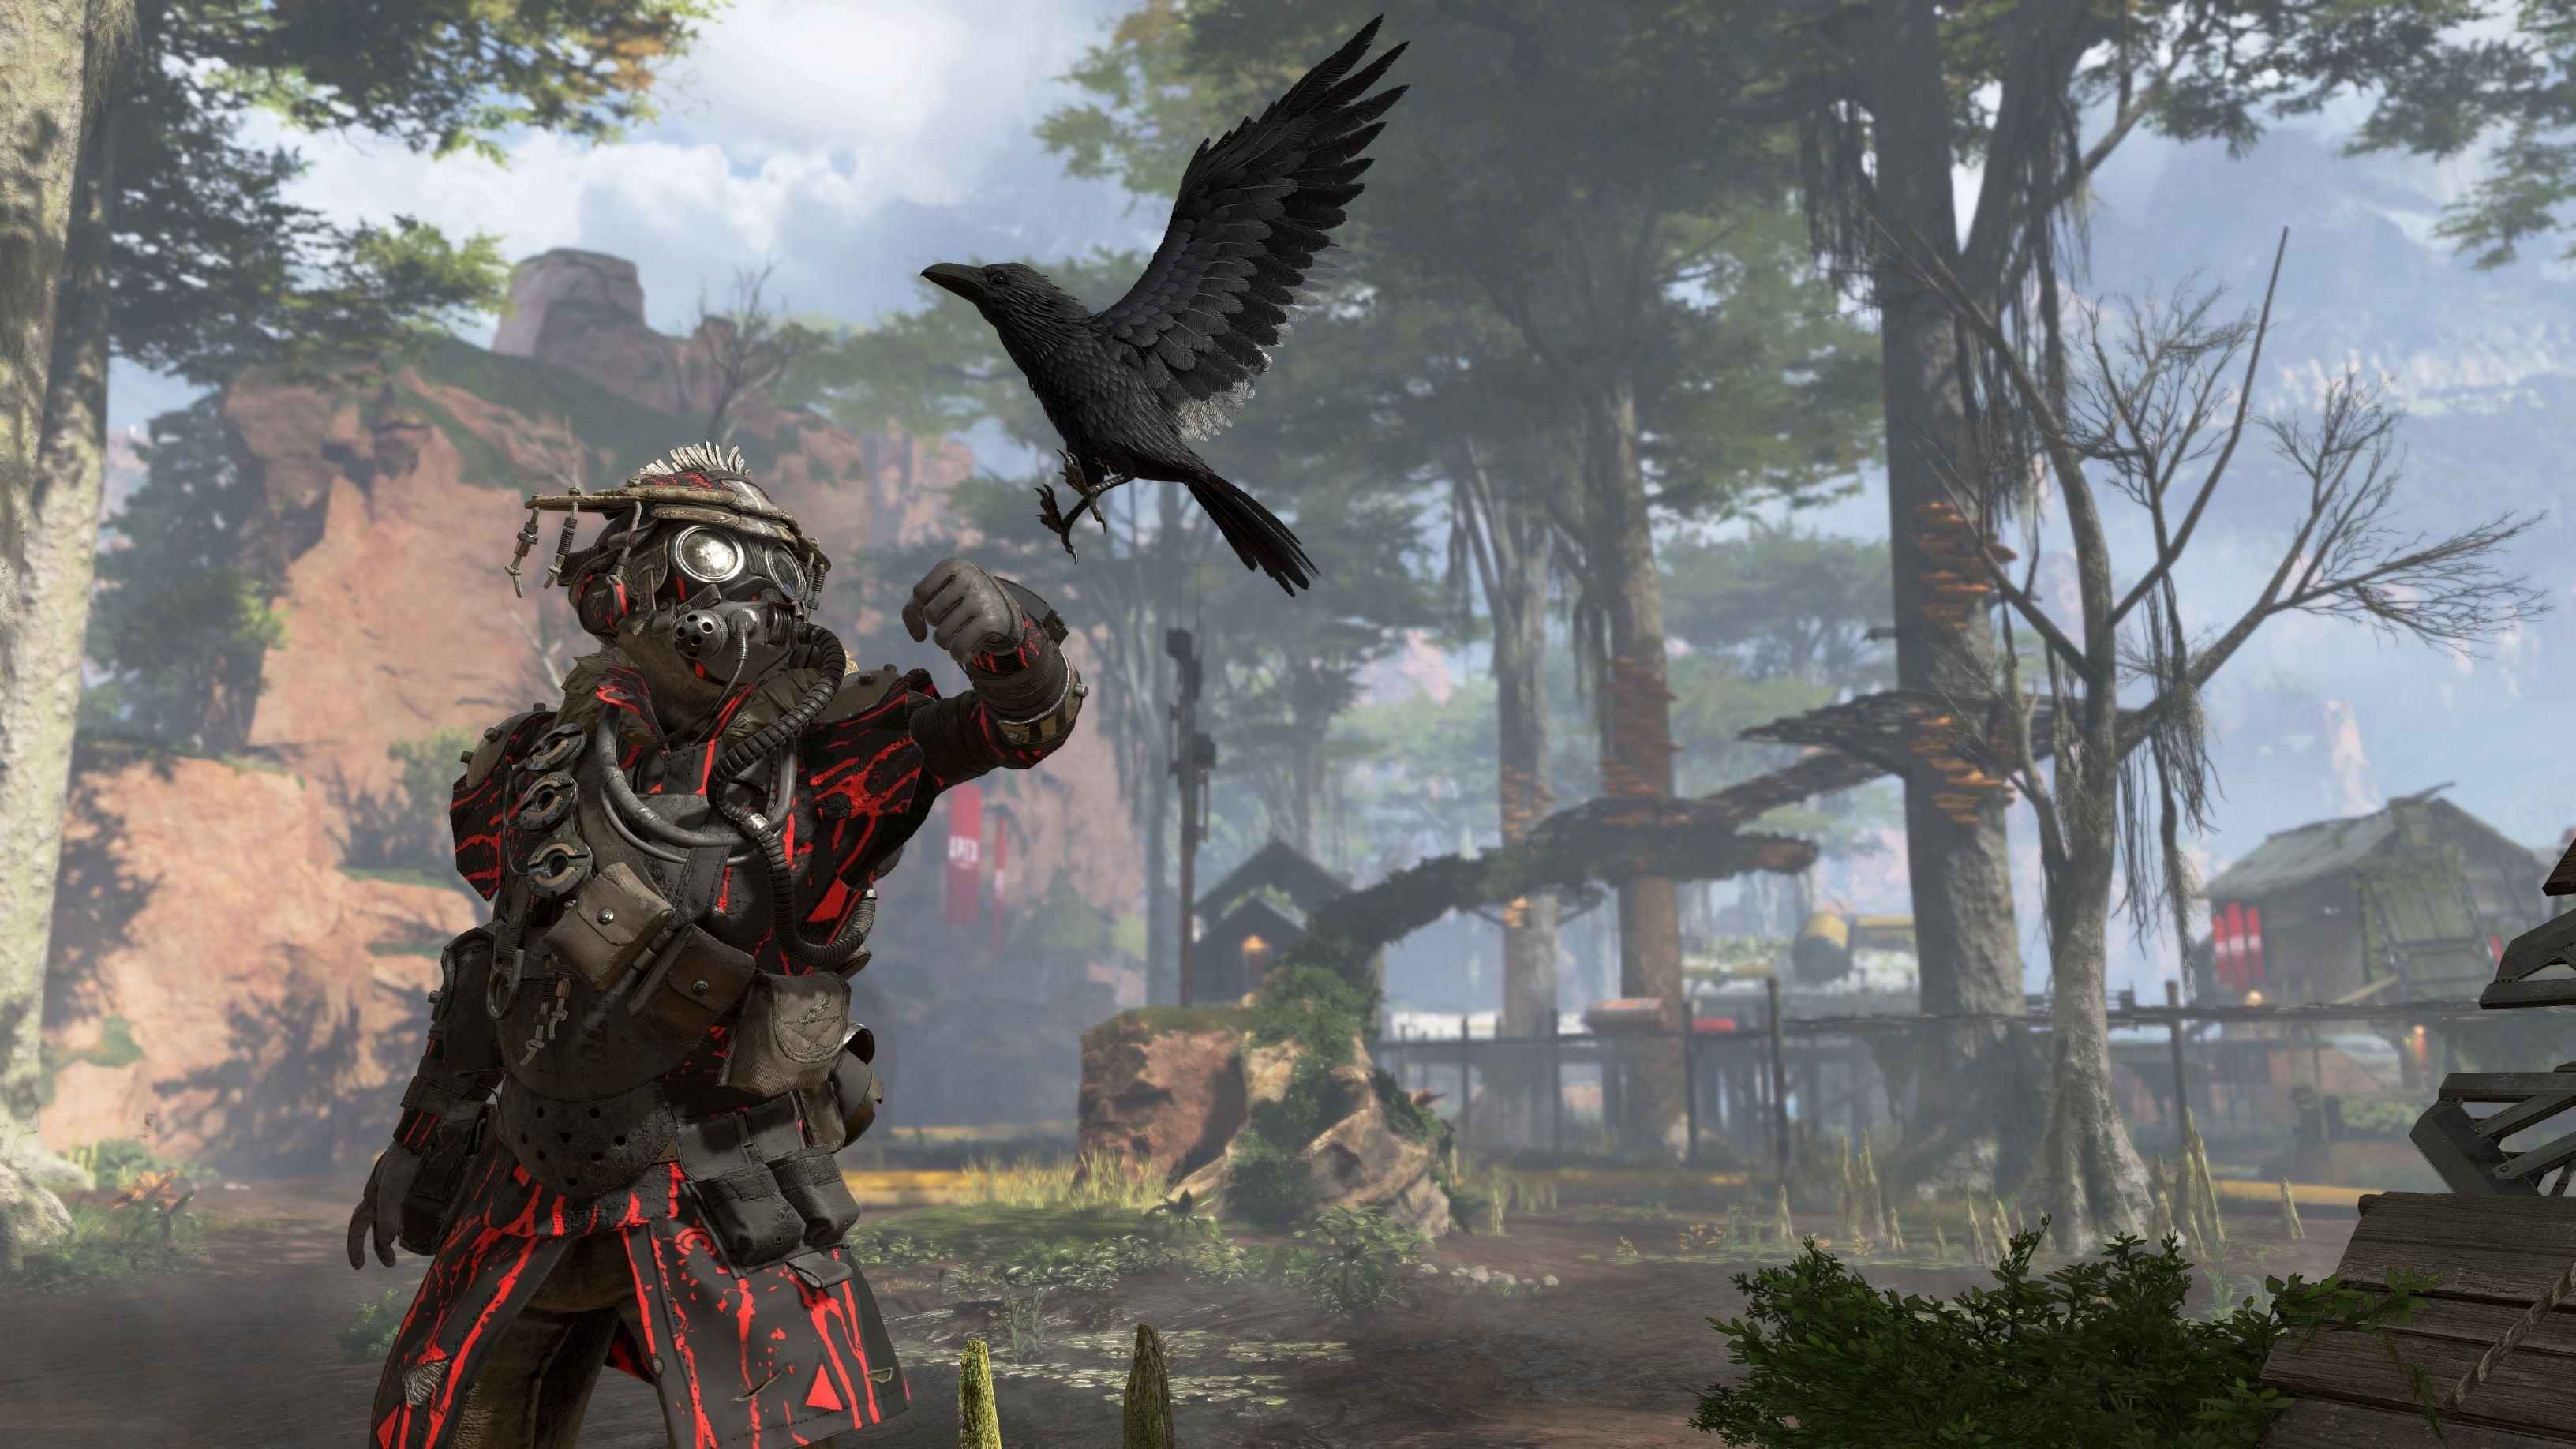 APEX_Legends_Screenshot_LE_BloodhoundRaven_03_Clean